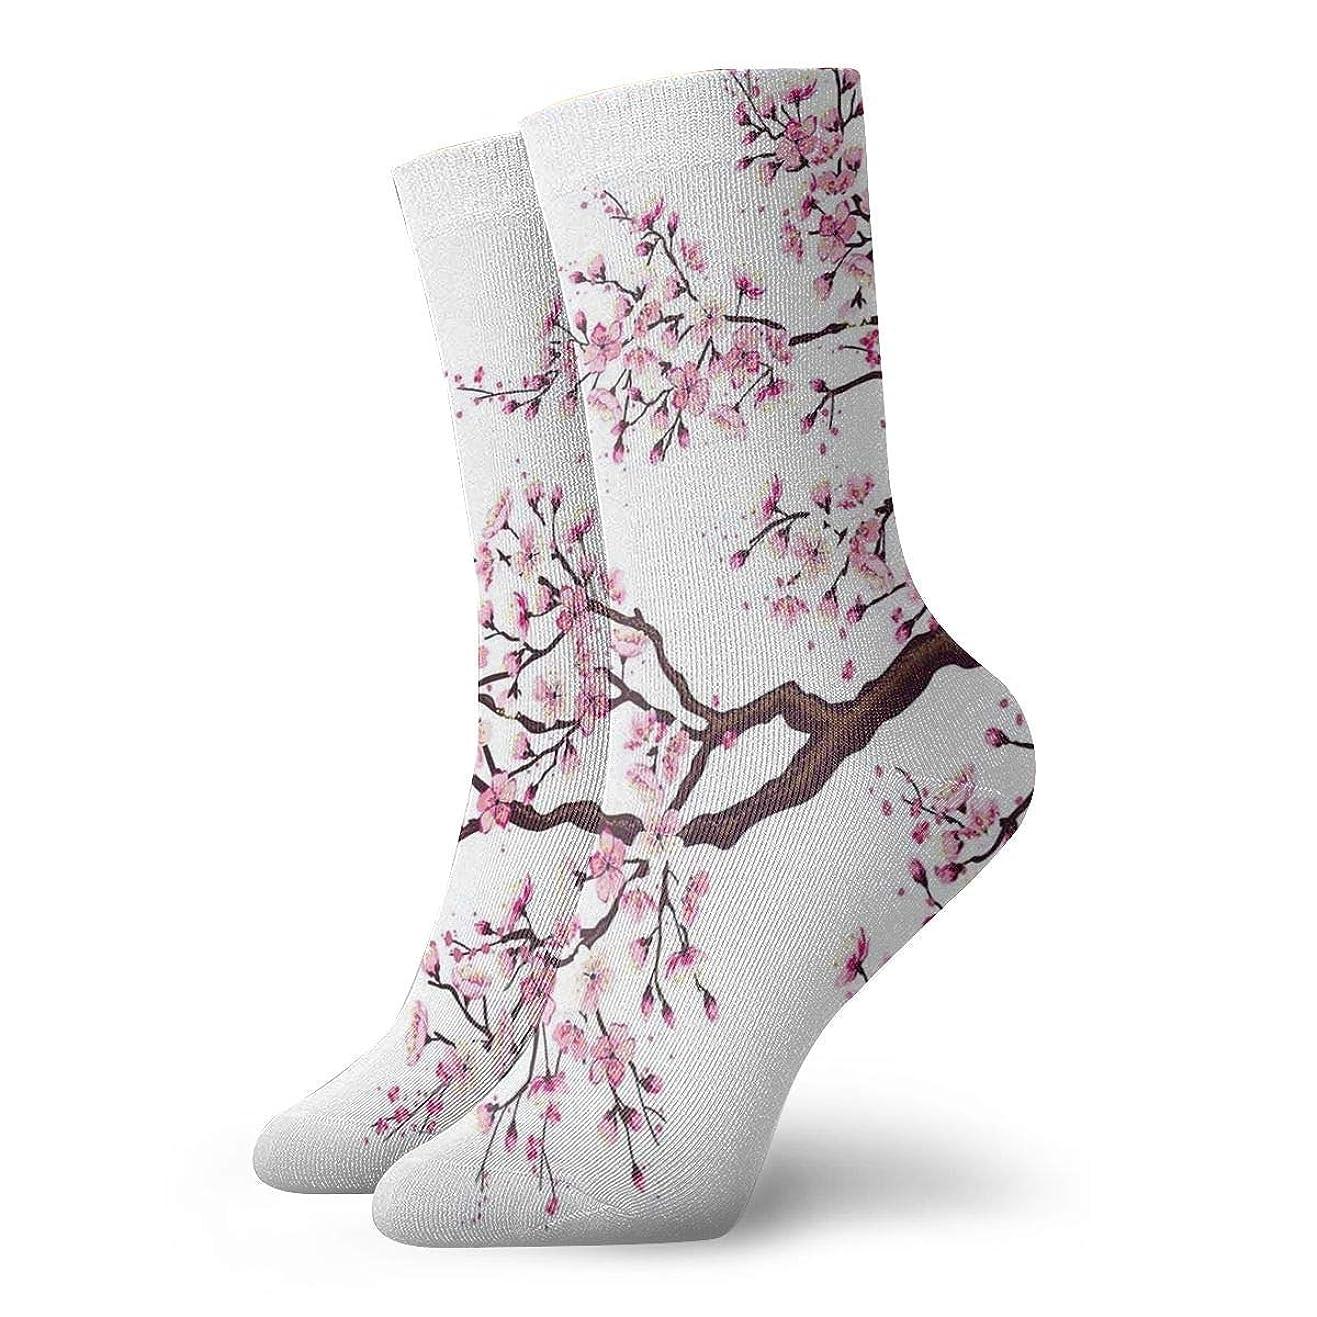 無秩序軍艦ミリメーターストックフォト- Qririyノベルティデザインクルーソックス、桜の木の花チェリー、クリスマス休暇クレイジー楽しいカラフルな派手な靴下、冬暖かいストレッチクルーソックス